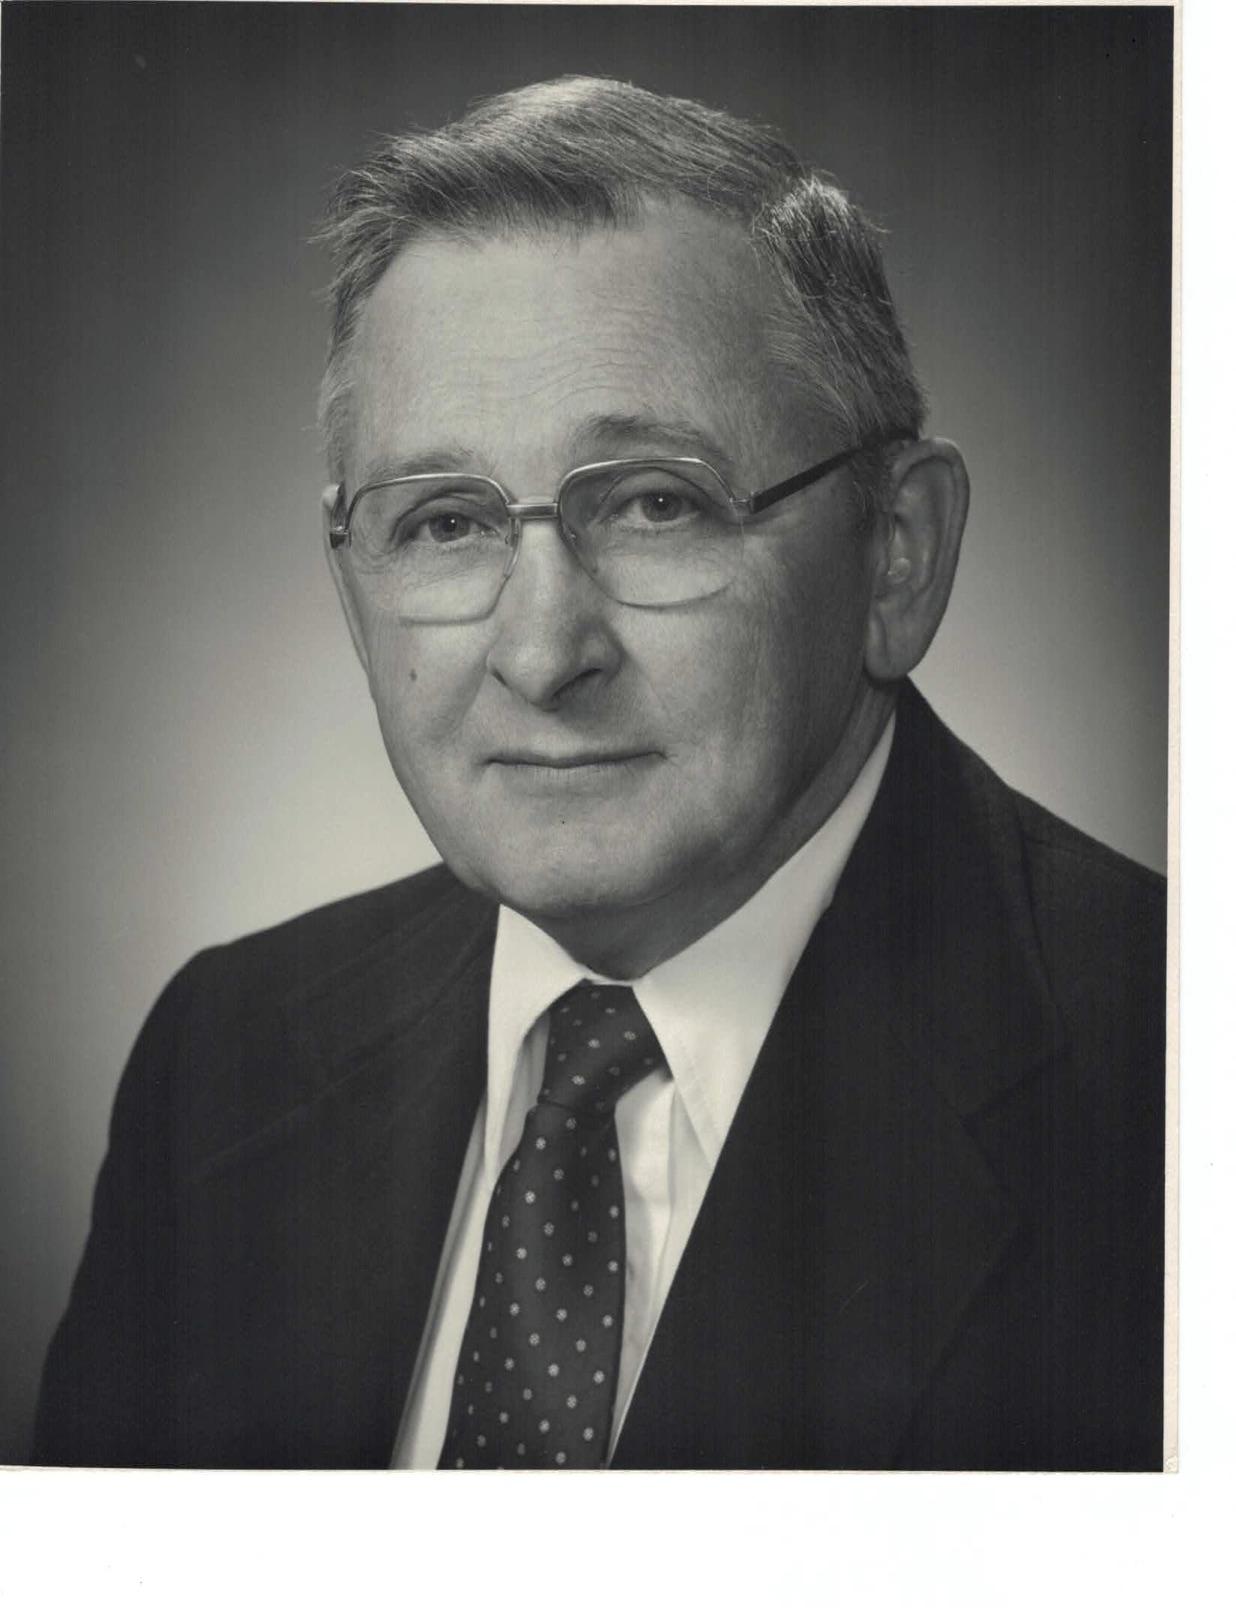 THOMAS S. KELLY 1984-85